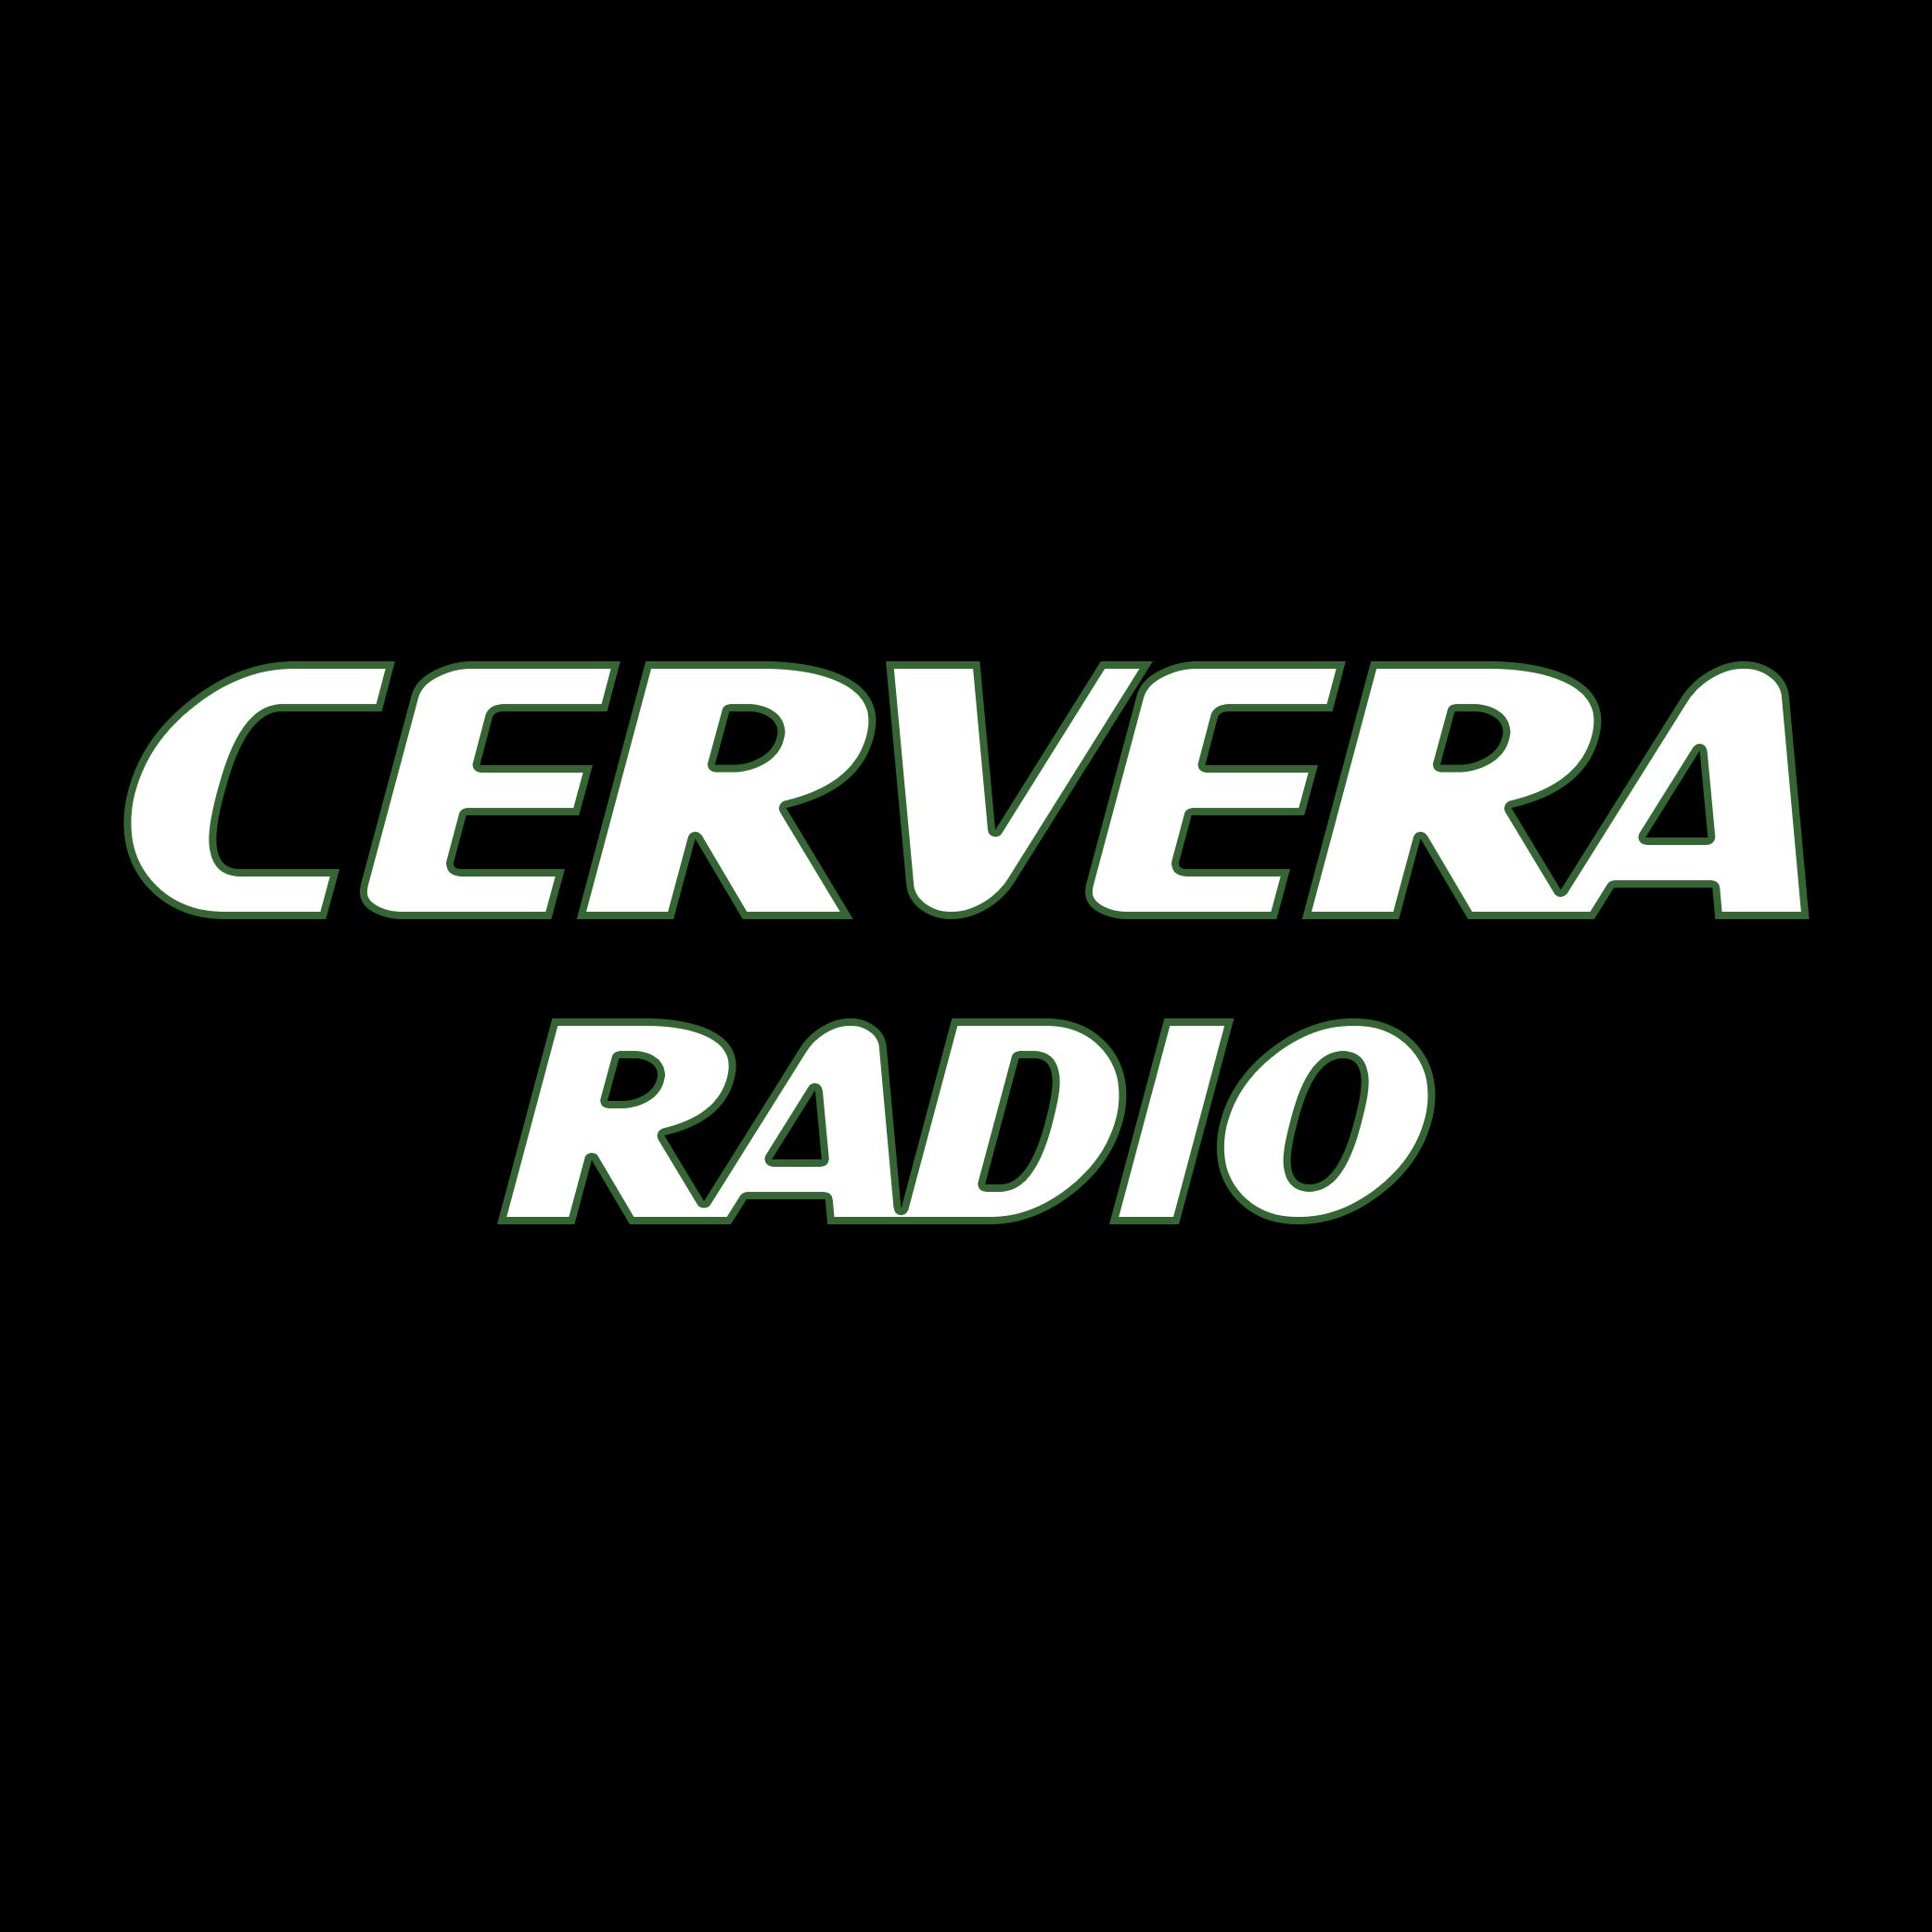 Cervera Radio